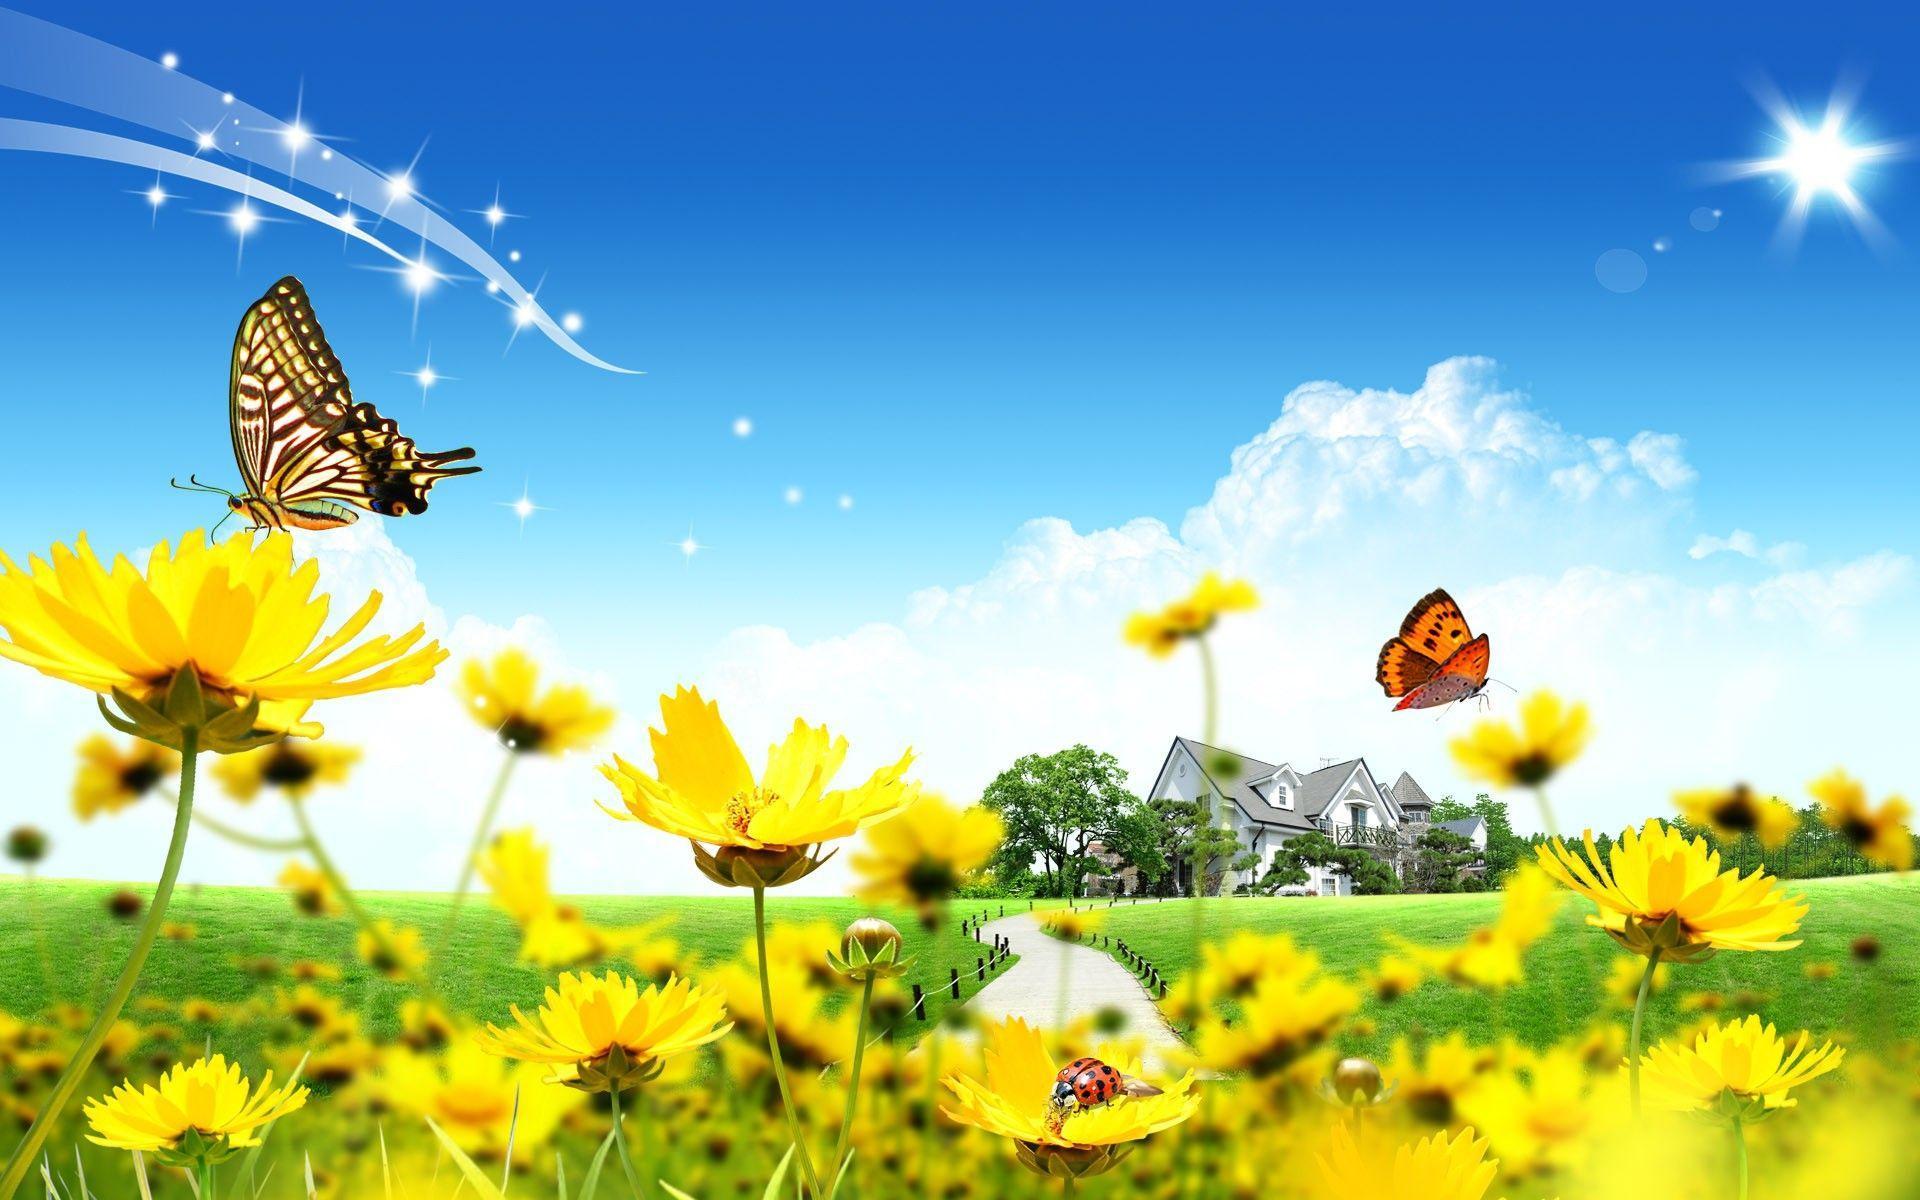 1920x1200 Tải xuống Hình nền, Tải xuống Hình nền thiên nhiên hoa bướm mùa hè kỹ thuật số hình nền 1920x1200 Hình nền –Tải xuống Hình nền Miễn phí